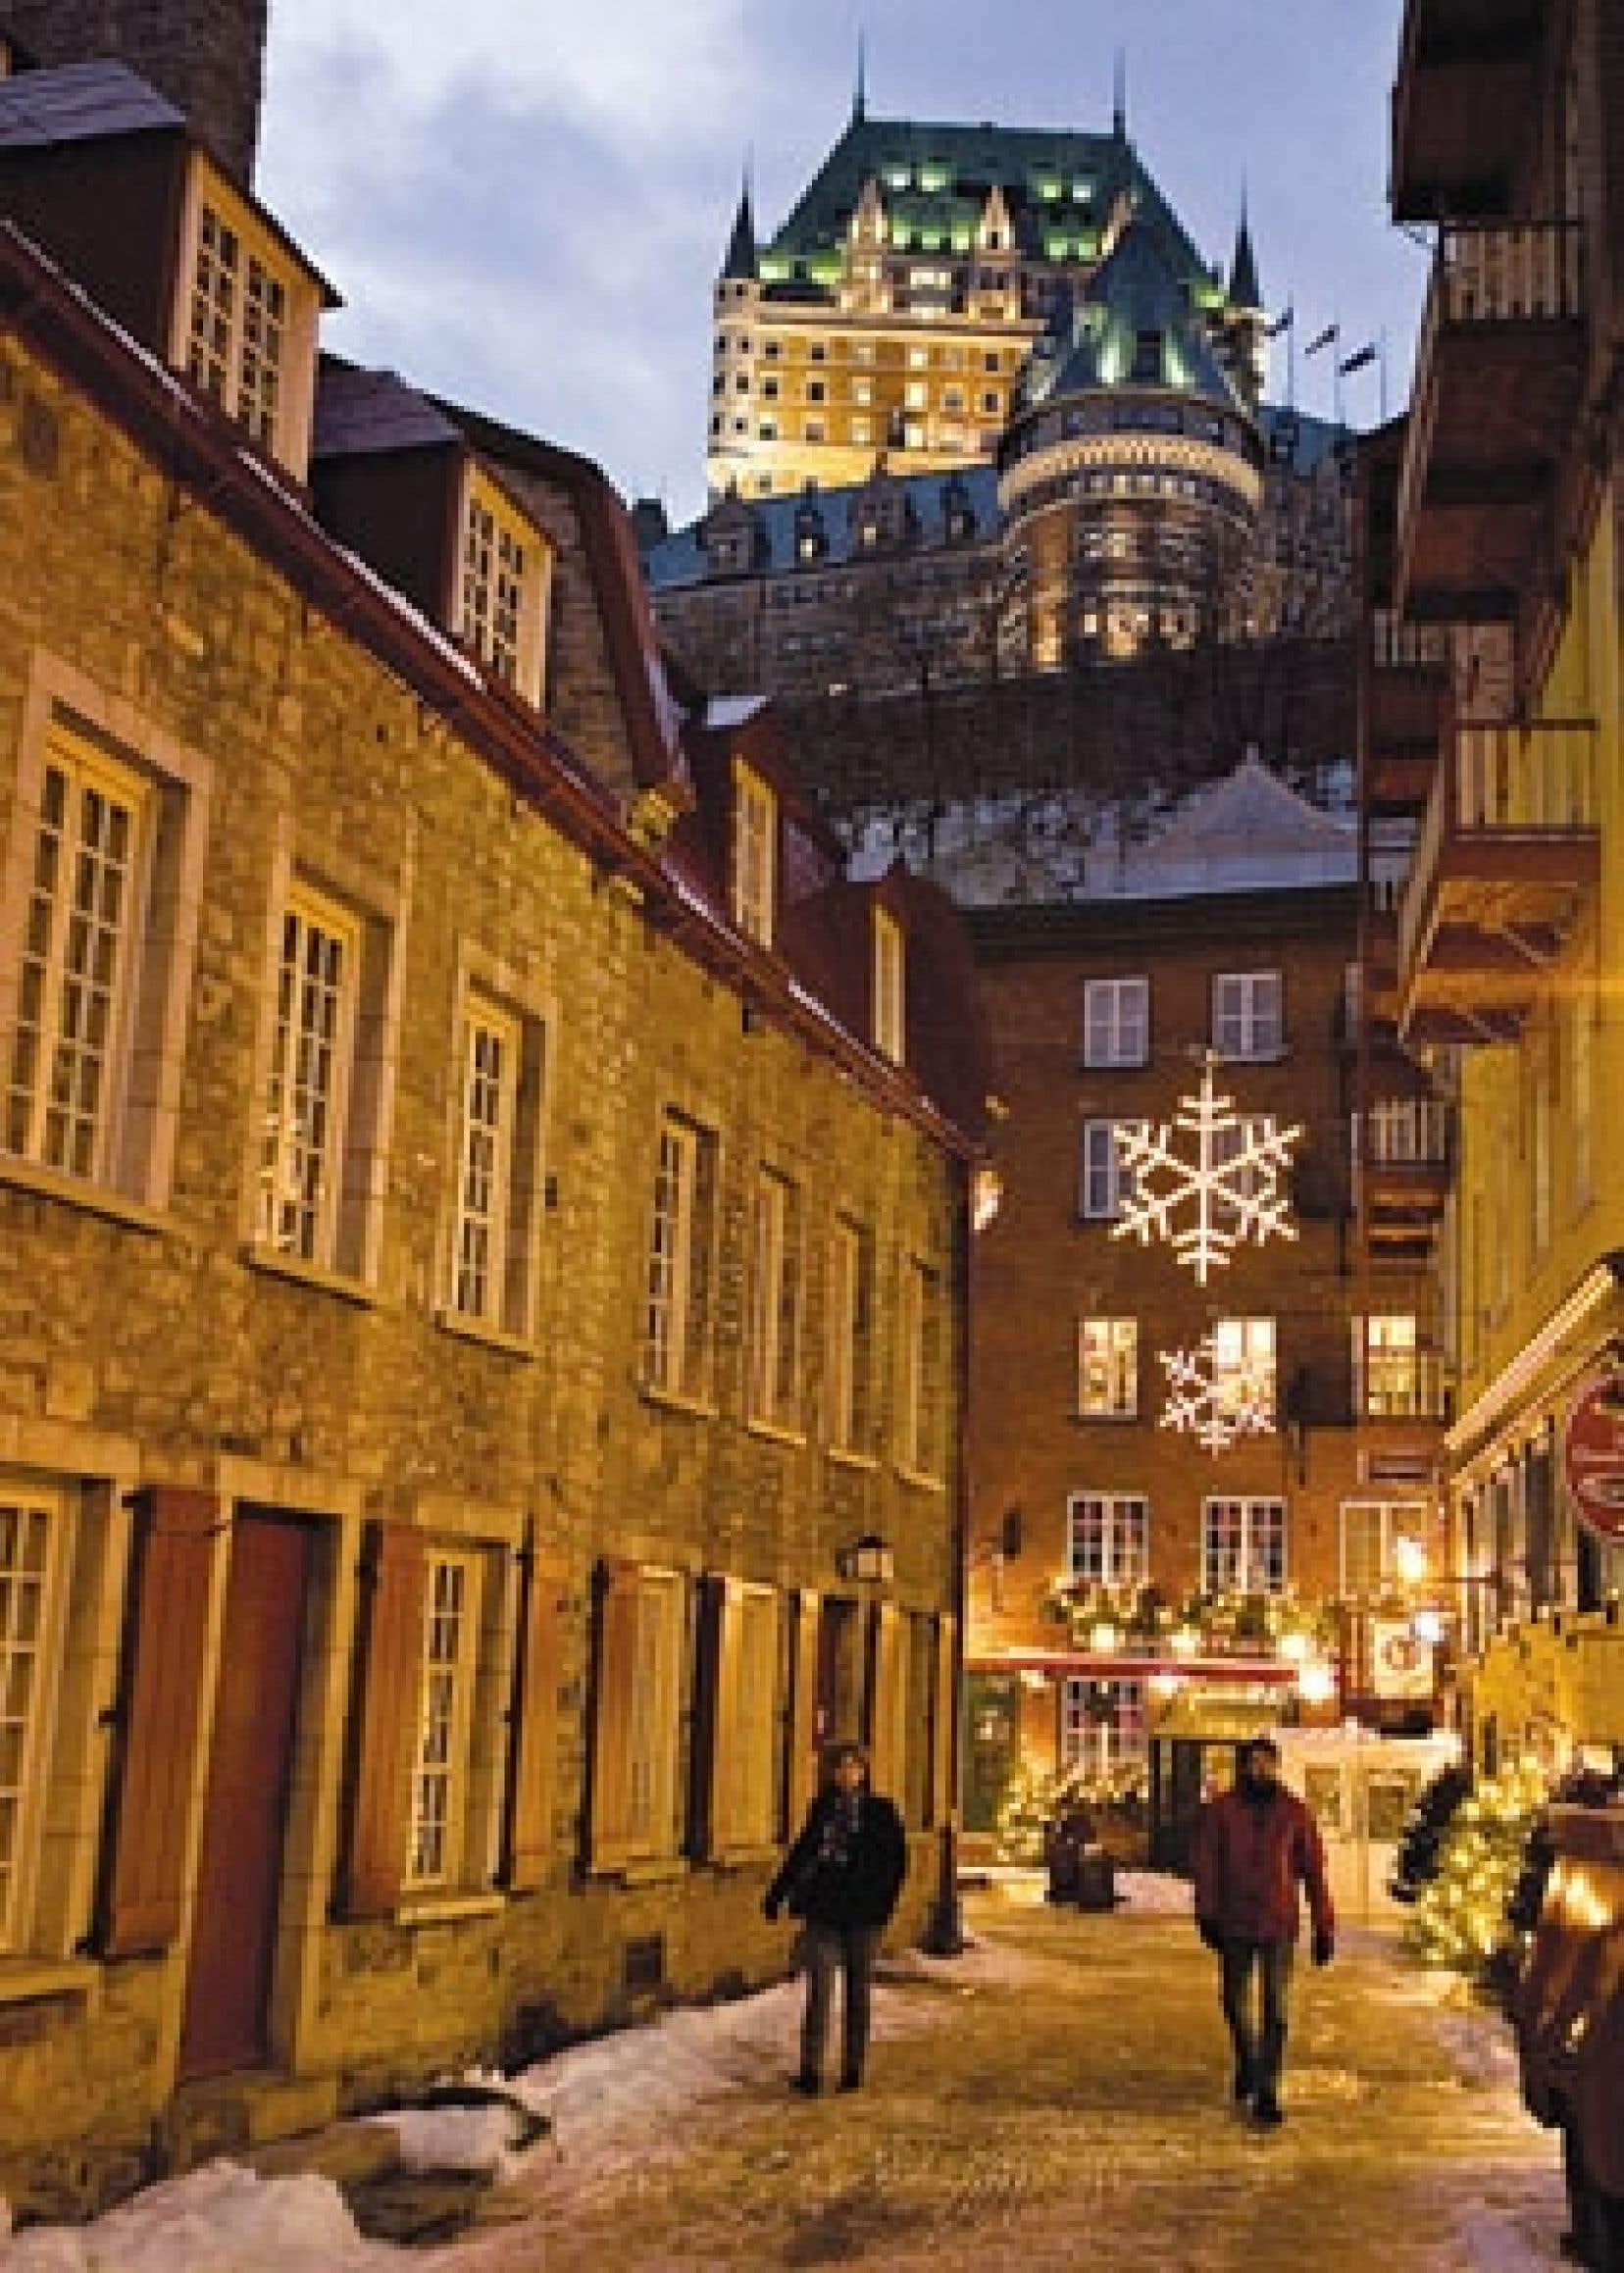 Le registre Mémoire du monde est l'équivalent pour les documents de la Liste du patrimoine mondial, où figure déjà la ville de Québec.